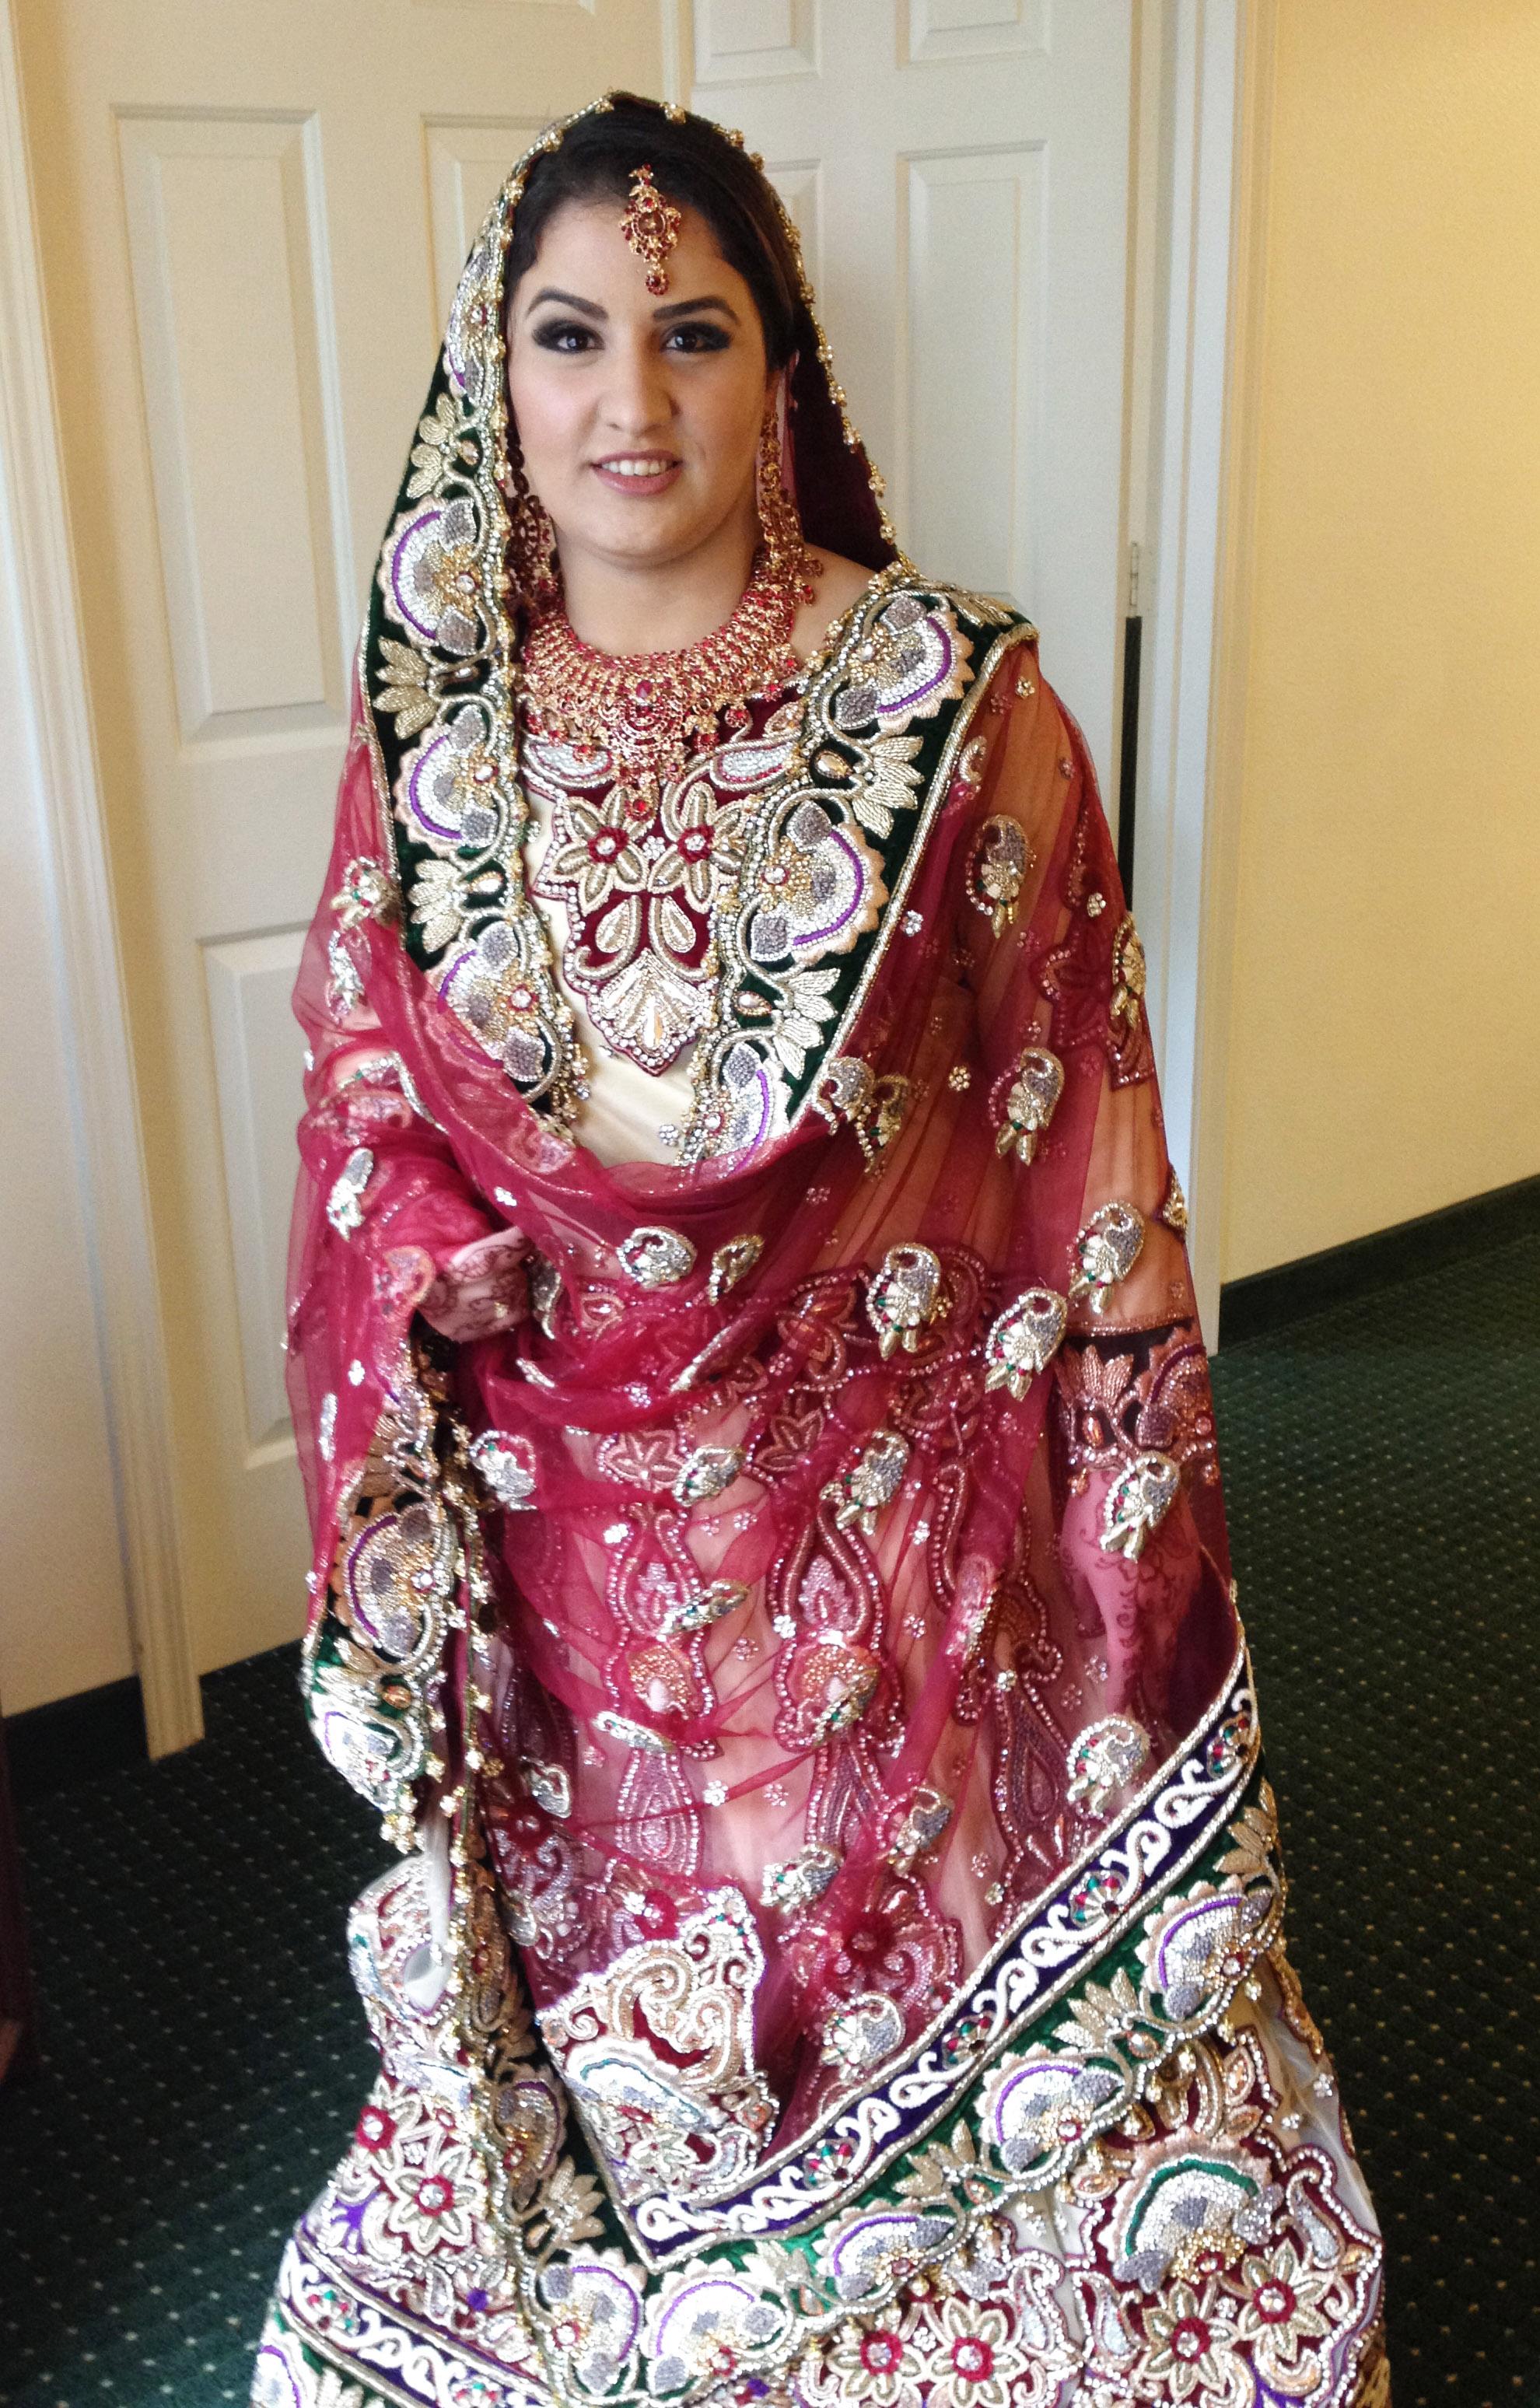 noor_Indian_makeup_henna_silk_&_stone